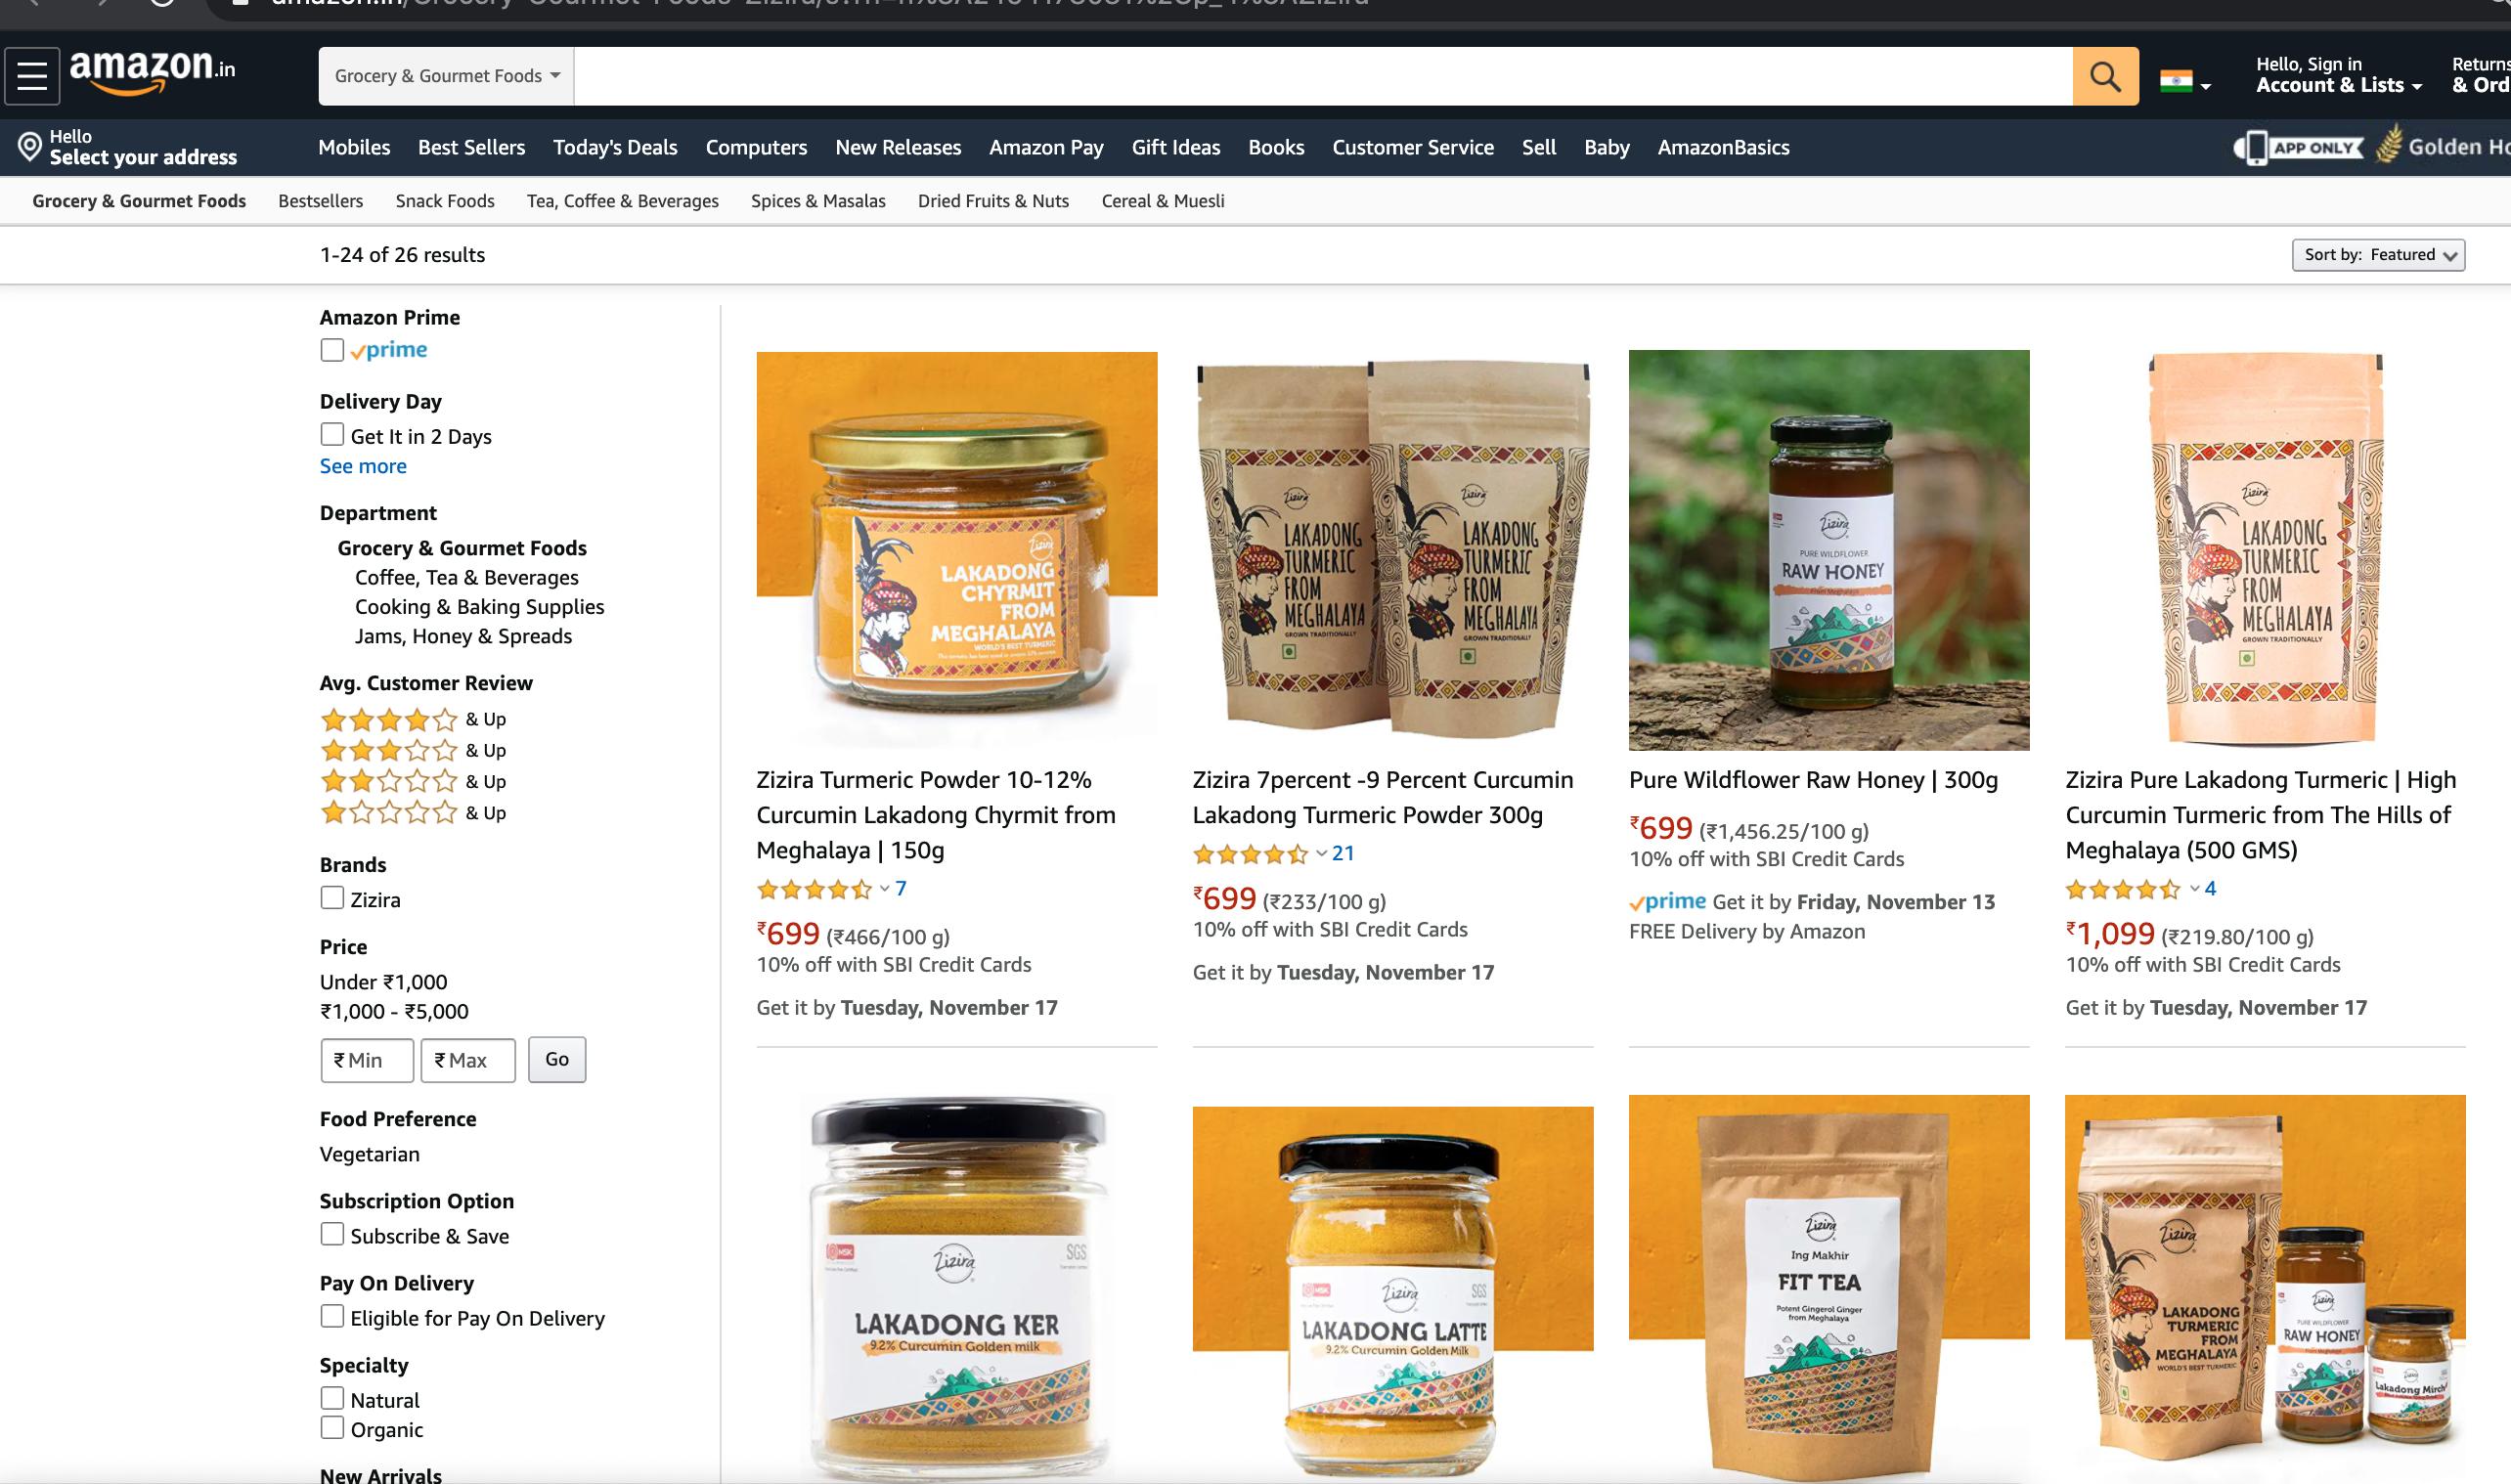 Zizira Page in Amazon